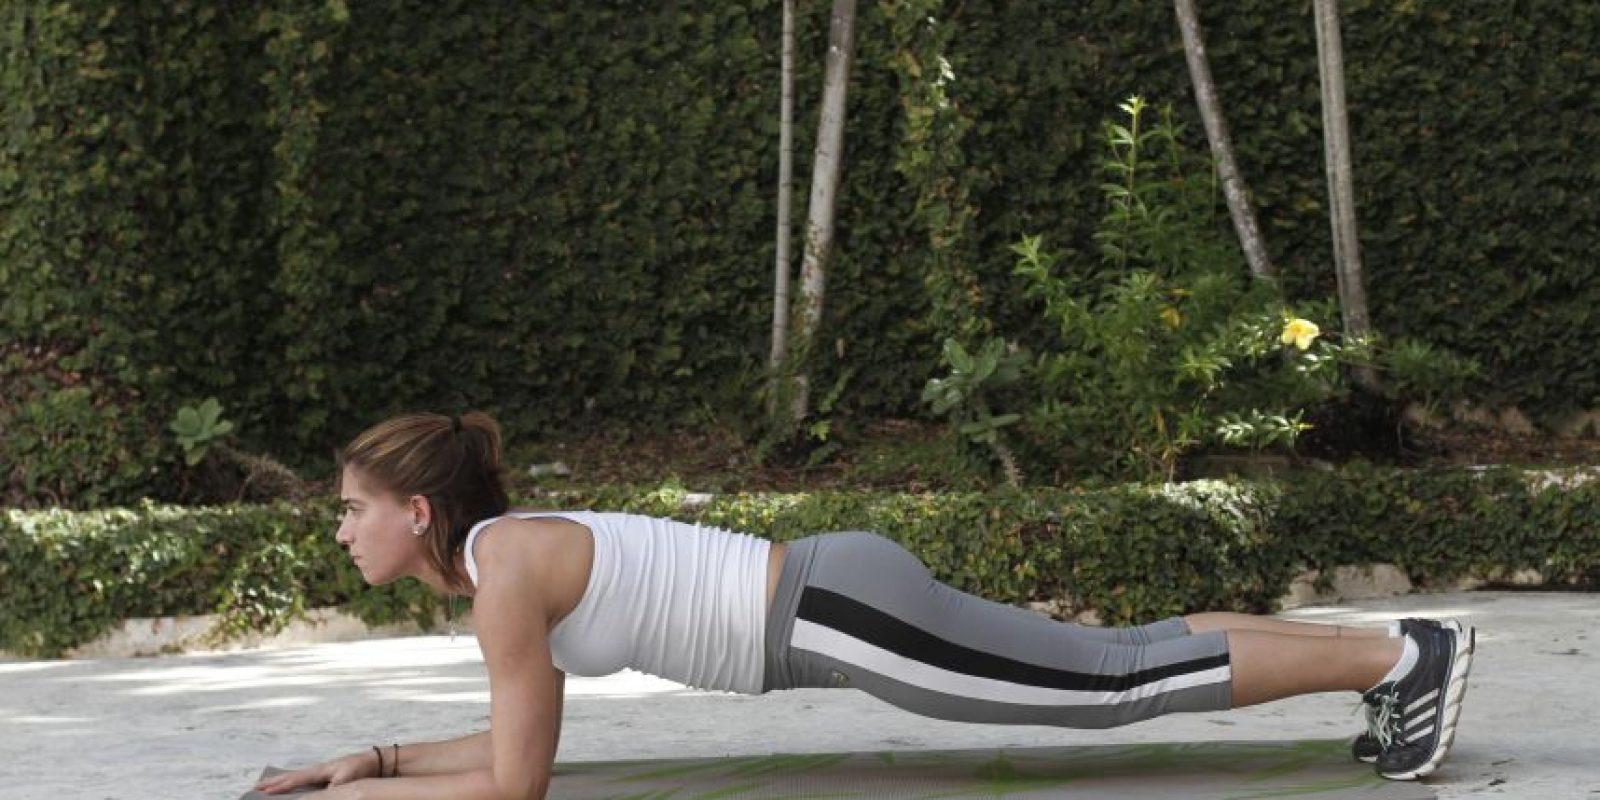 Plank Preparación: Comienza bocabajo, posicionando las manos y las rodillas a la distancia de los hombros. Levántate flexionando los codos y empujándote con los hombros.Ejecución:Mantén la posición hasta que puedas.Consejo:Mantén tu cuerpo contraído mientras estás aguantando la posición.Músculos a trabajar:El recto abdominal, oblicuo interno y externo, pectorales y cuádriceps